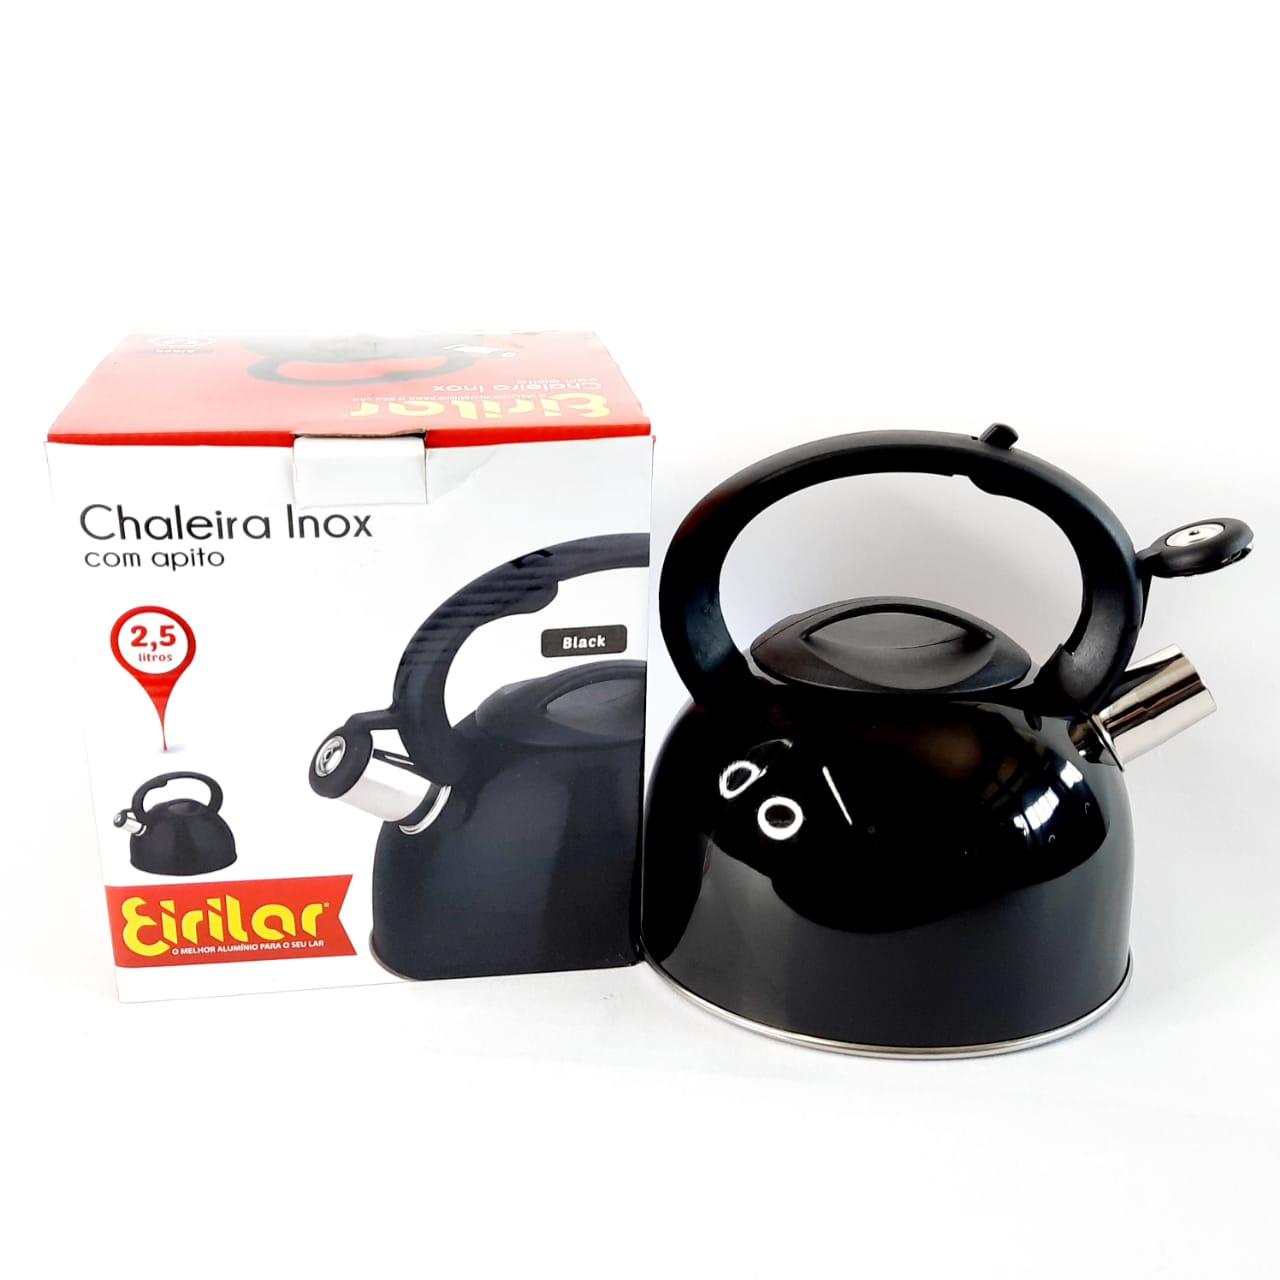 Chaleira Inx Black C/Apito 2,5 Litros Eirilar